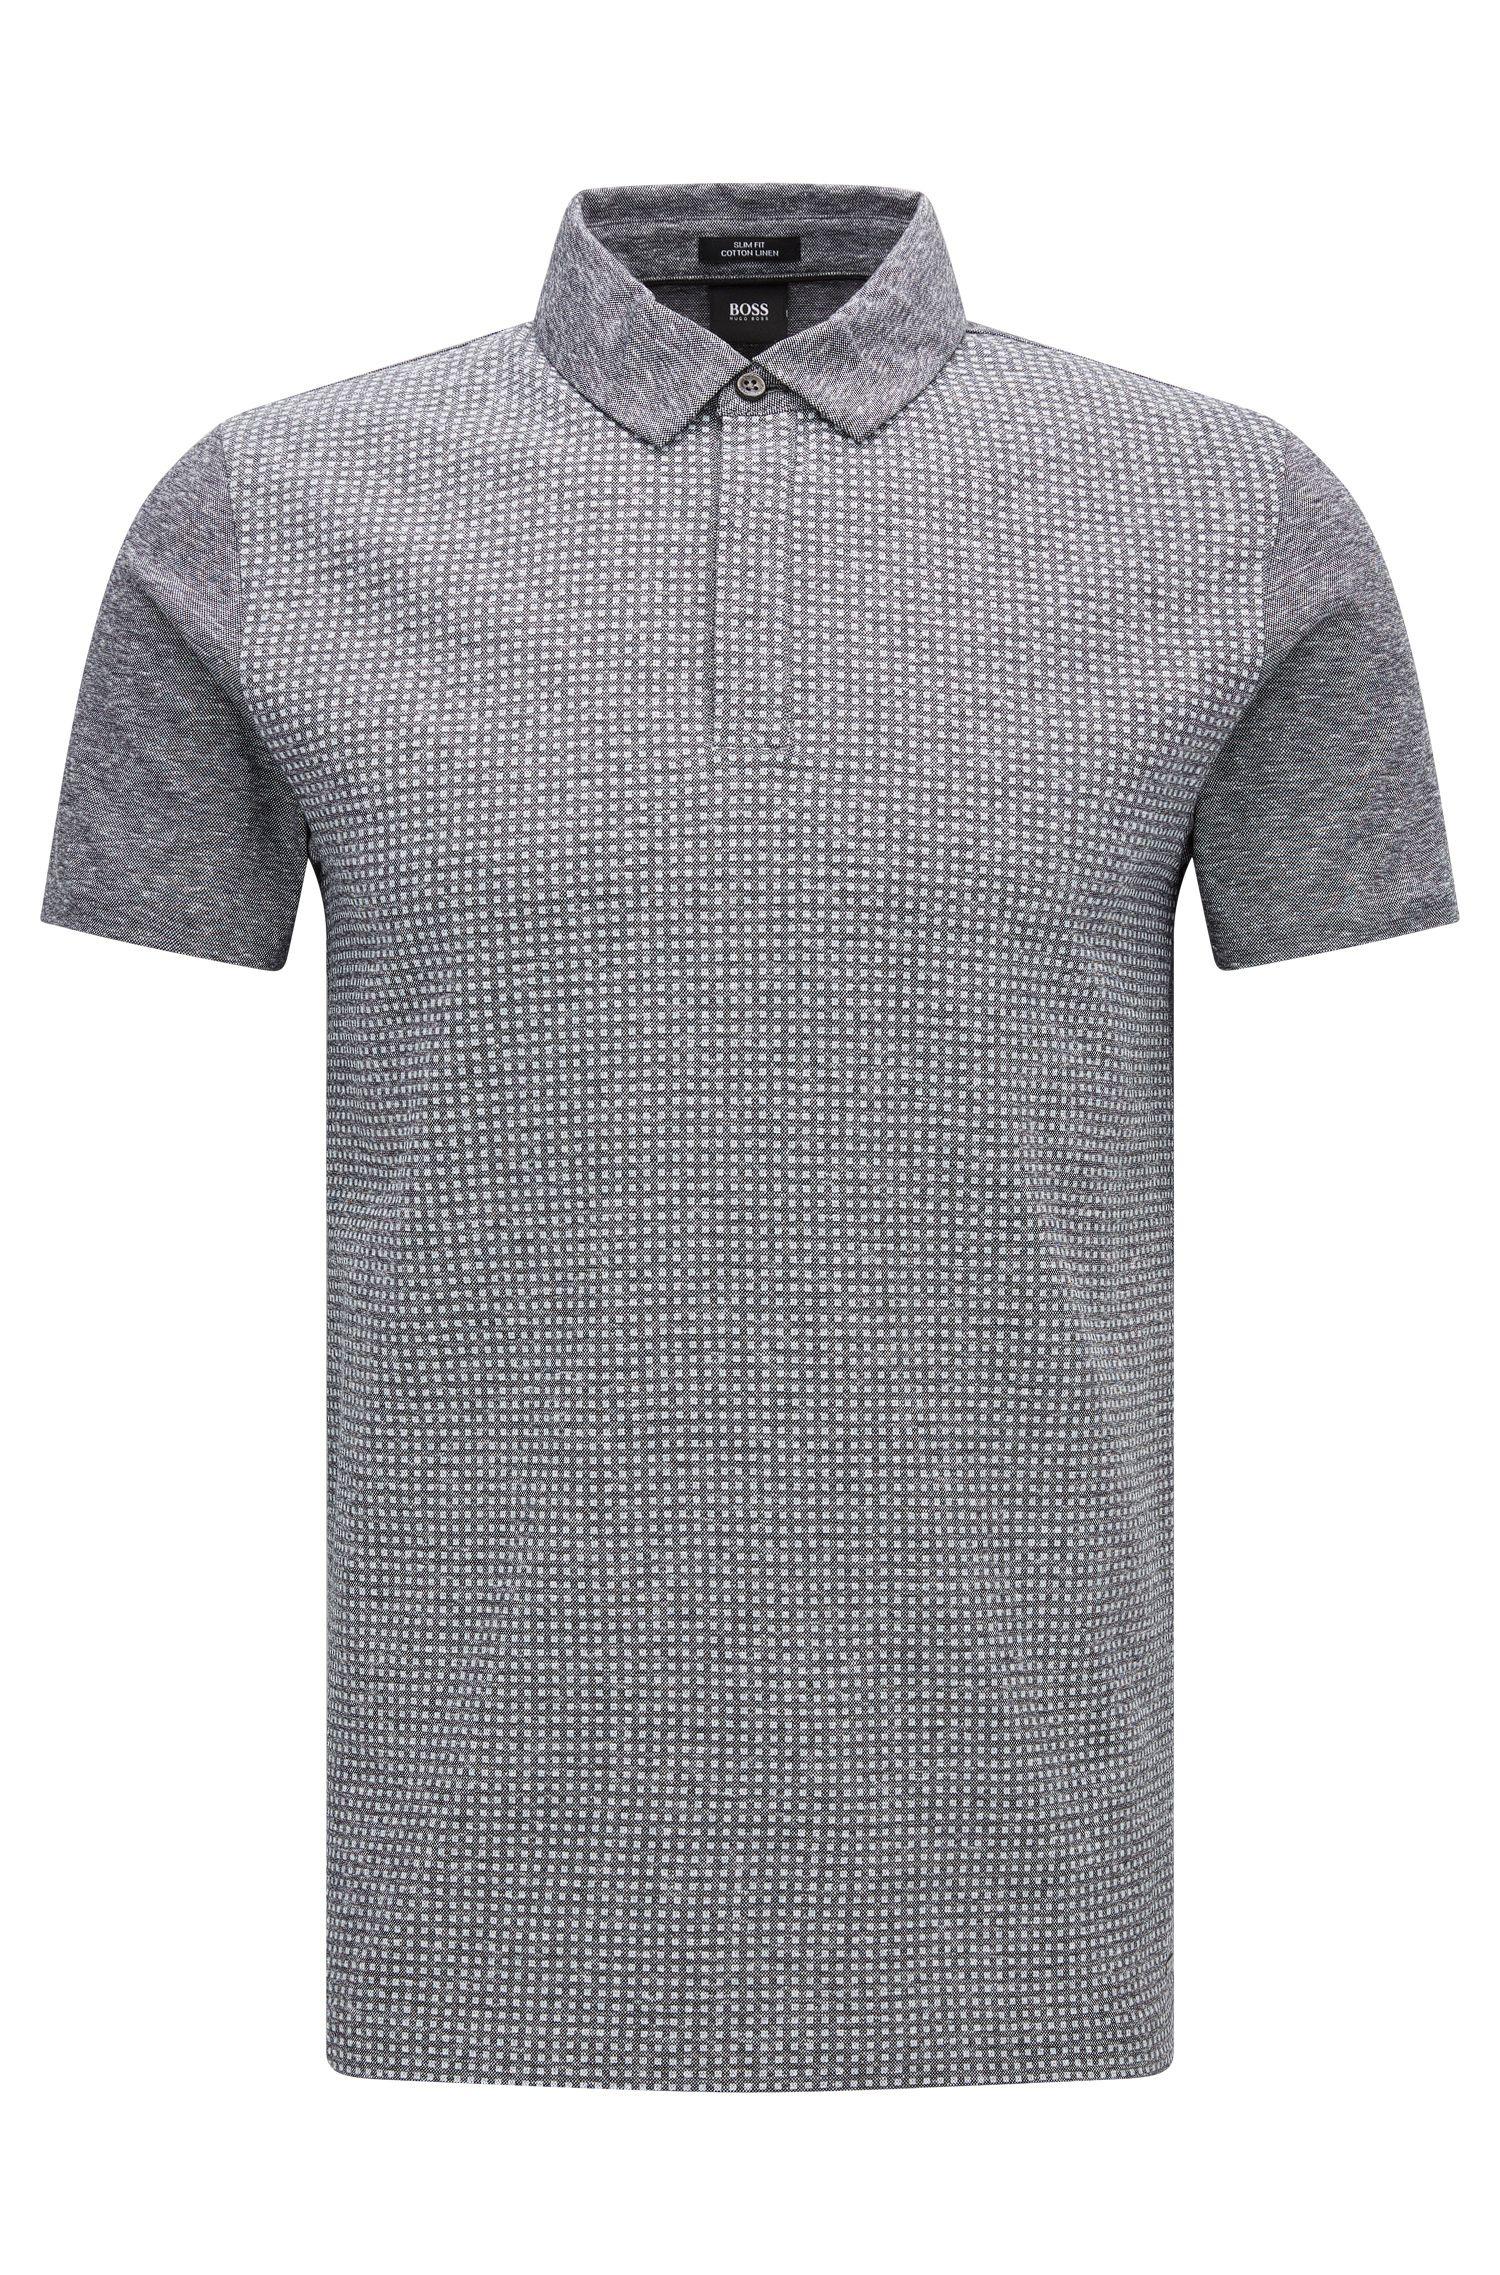 Slim-Fit Poloshirt aus Baumwoll-Mix mti Leinen: 'Platt 09'